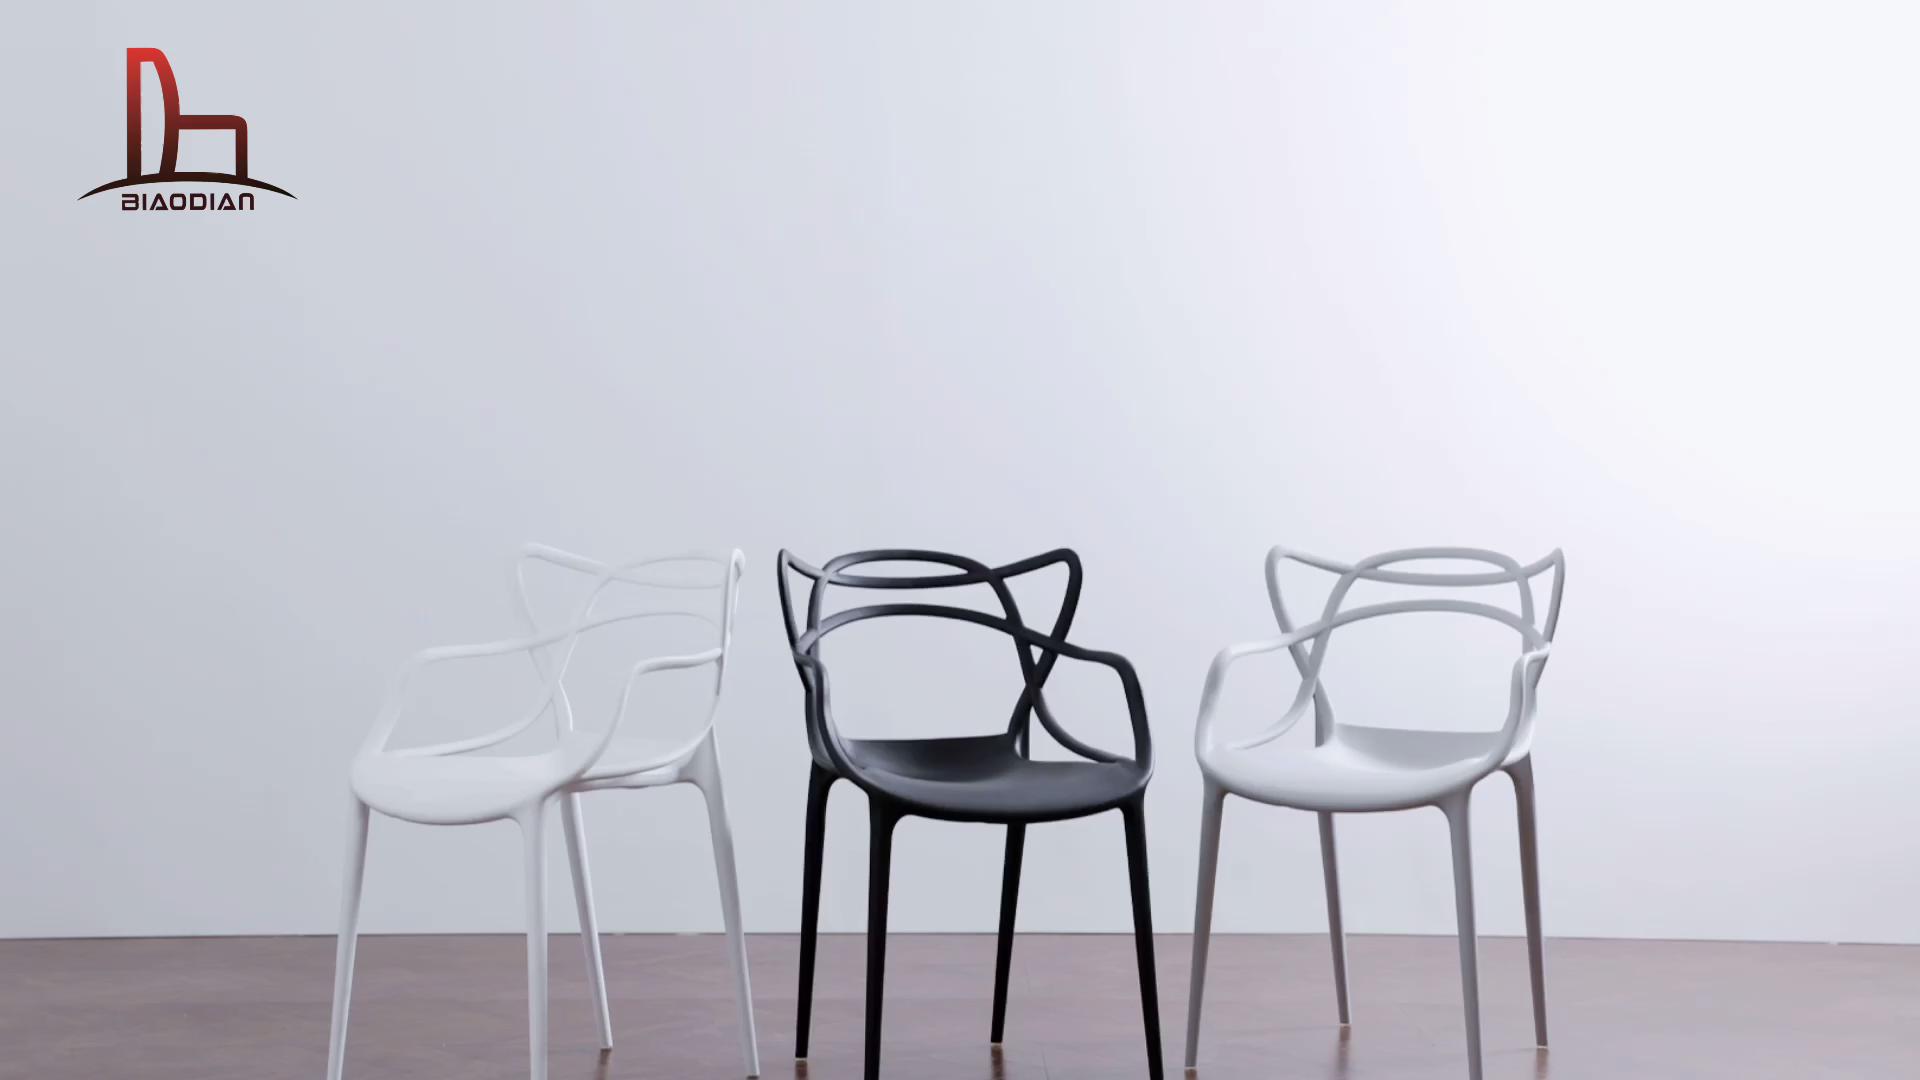 رخيصة أثاث غرفة الطعام تكويم البلاستيك كرسي طعام حديث